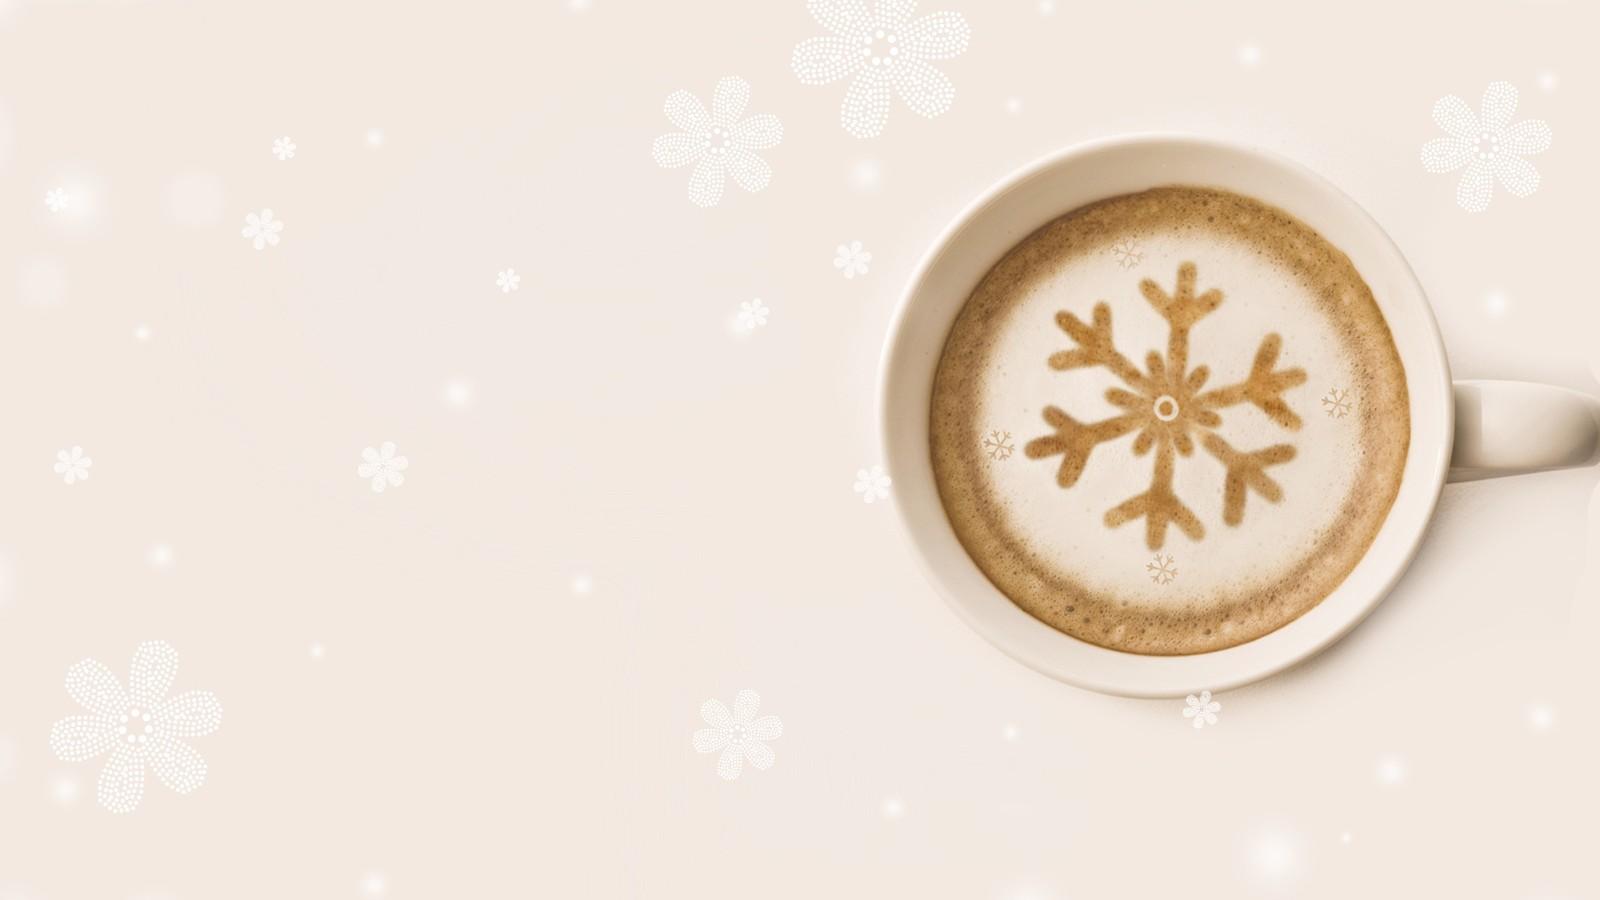 """冬日温暖的奶茶唯美小清新PPT背景图片免费下载是由PPT宝藏(www.pptbz.com)会员zengmin上传推荐的淡雅PPT背景图片, 更新时间为2017-01-15,素材编号119390。 奶茶原为中国北方游牧民族的日常饮品,至今最少已有千年历史。自元朝起传遍世界各地,目前在大中华地区,中亚国家,印度,阿拉伯,英国,马来西亚,新加坡等地区都有不同种类奶茶流行。 因气候的不同,烧奶茶的方式有两种,南方讲究个""""拉"""",两个杯子间牛奶和酽茶倒来倒去,在空中拉出一道棕色弧线,以便茶乳交溶。"""